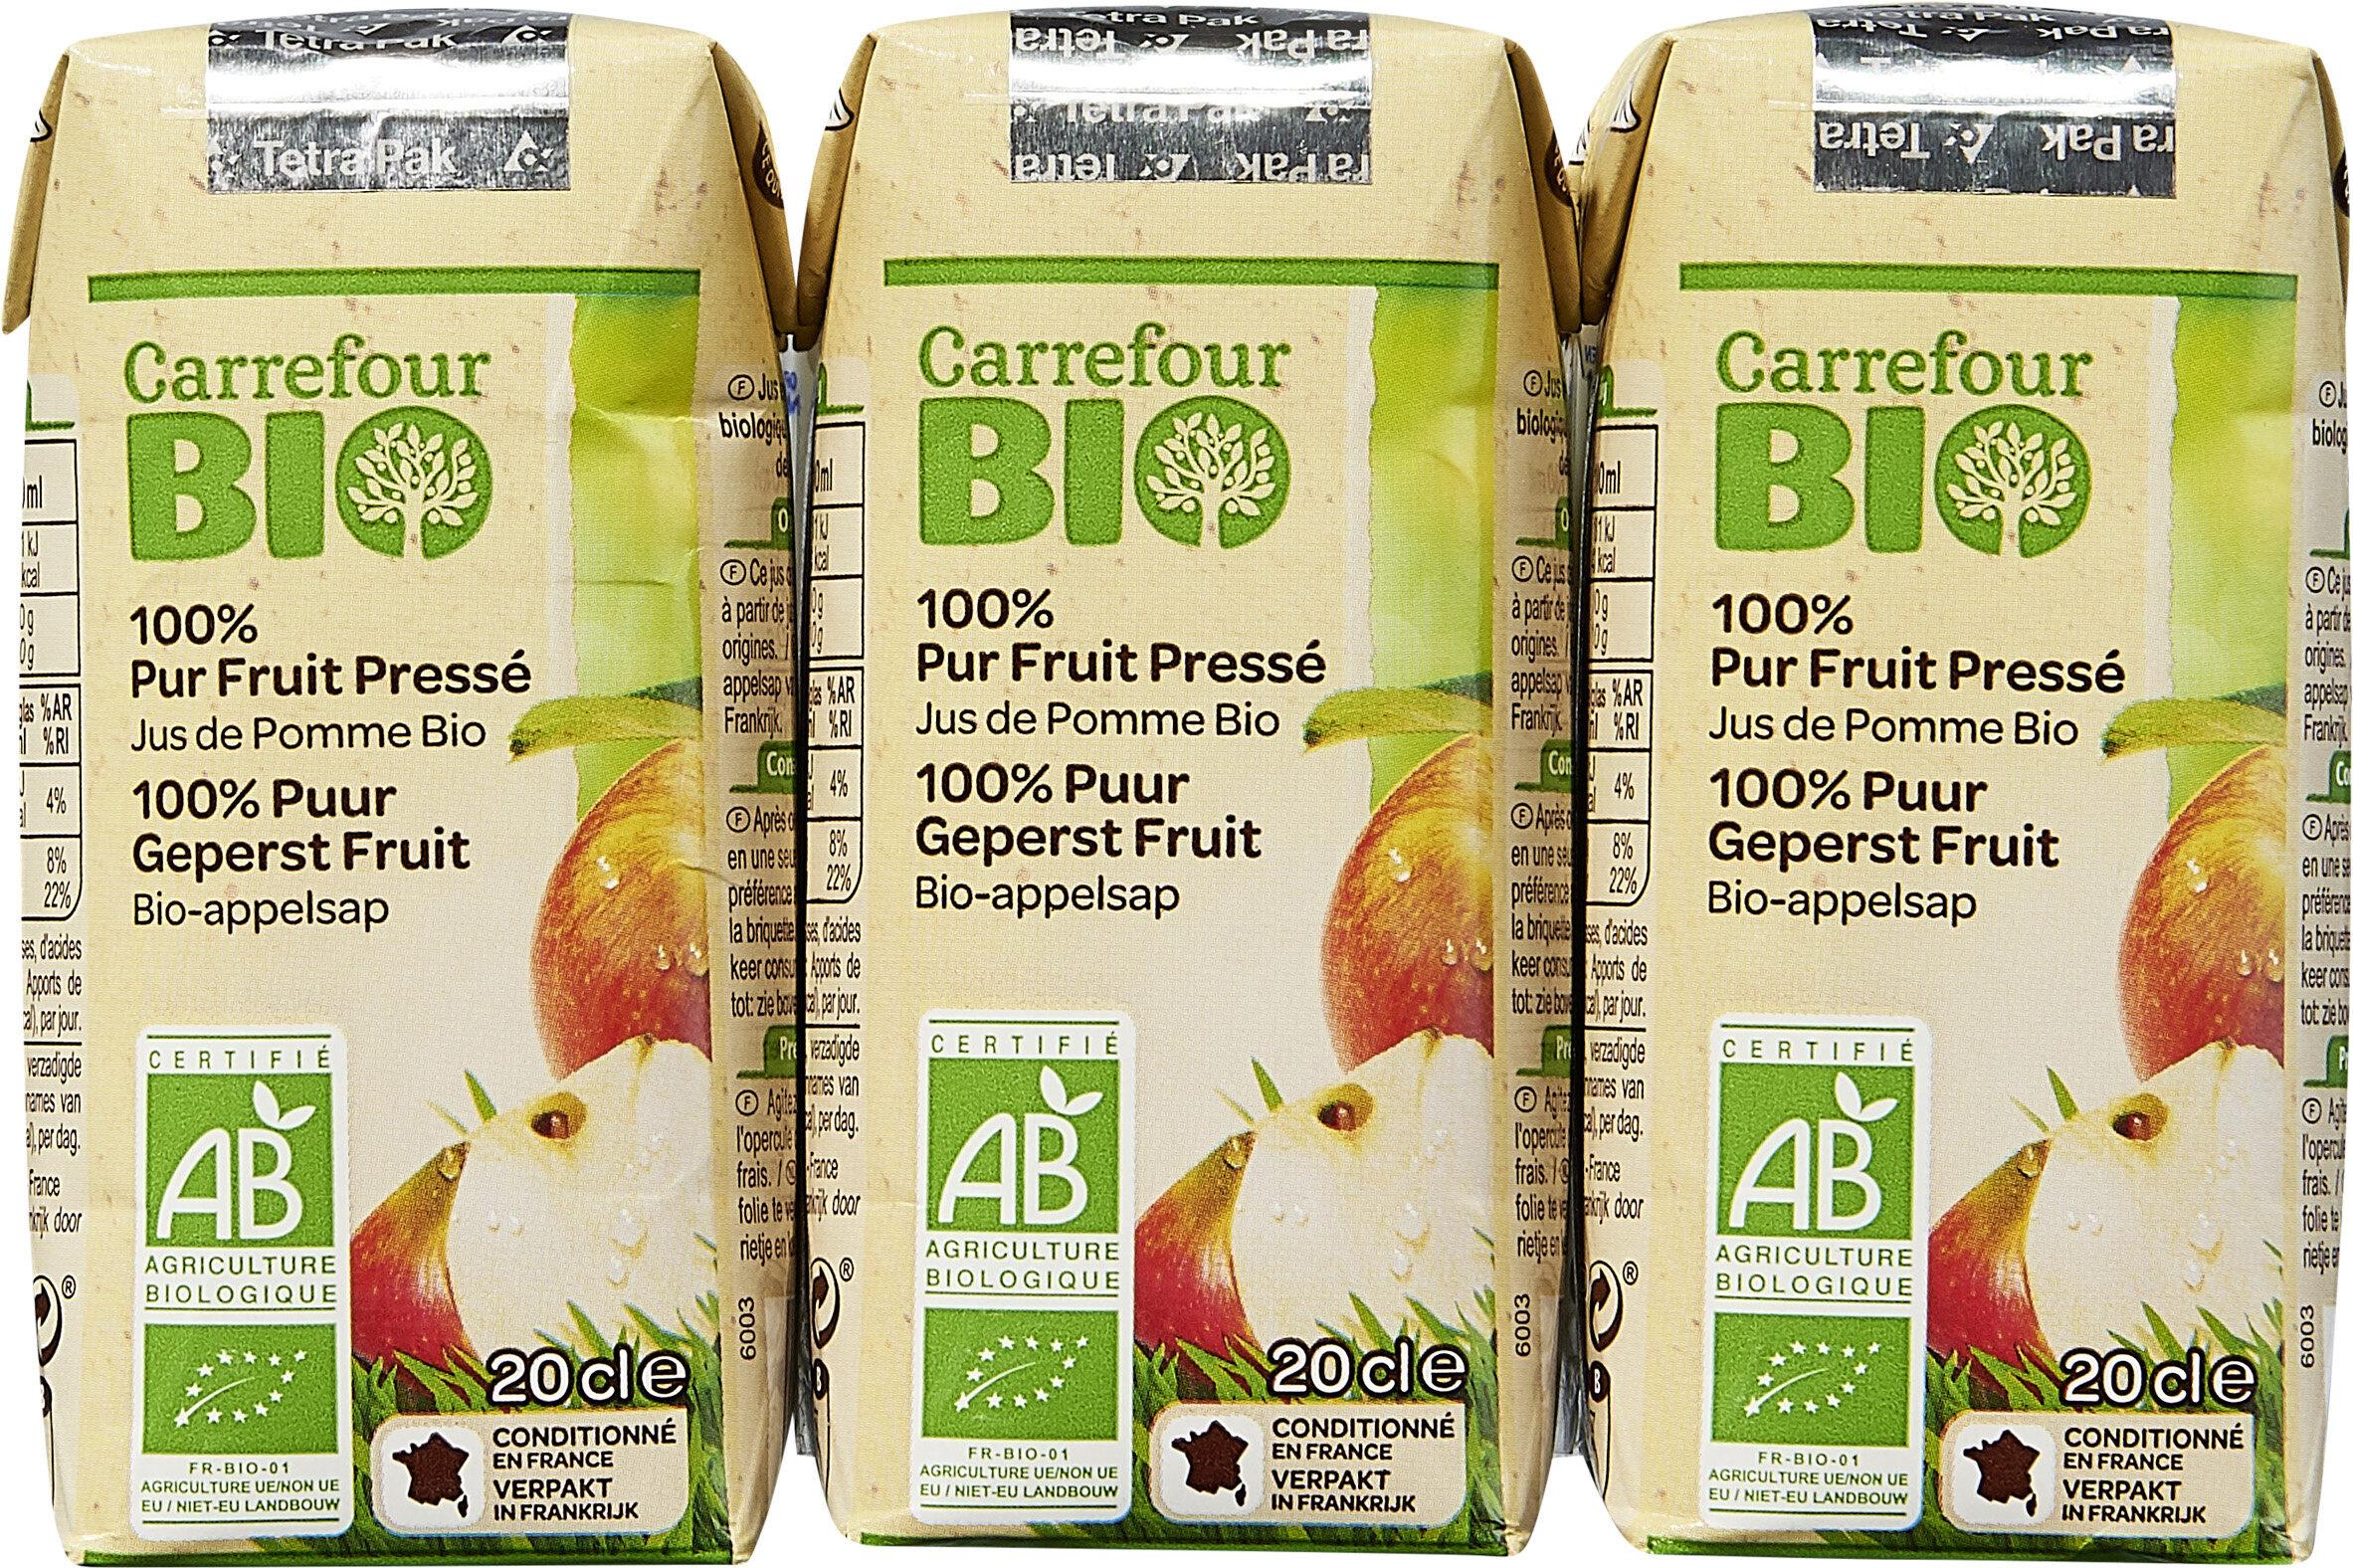 100% Pur Fruit Pressé Jus de Pomme Biologique - Prodotto - fr